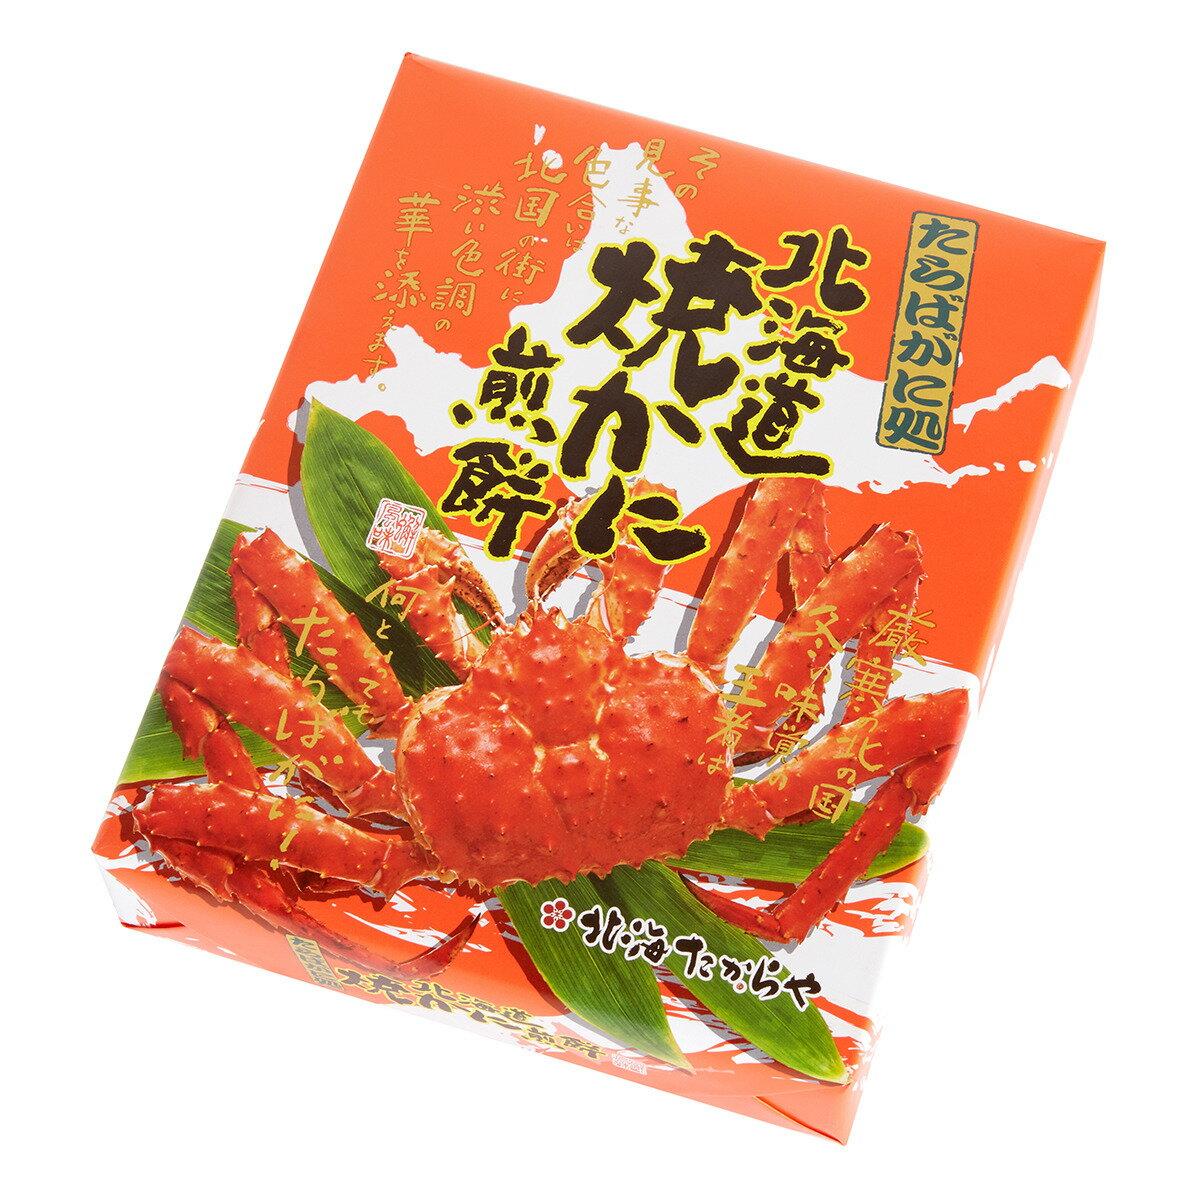 [北海道人氣伴手禮]北海道燒帝王蟹煎餅18入